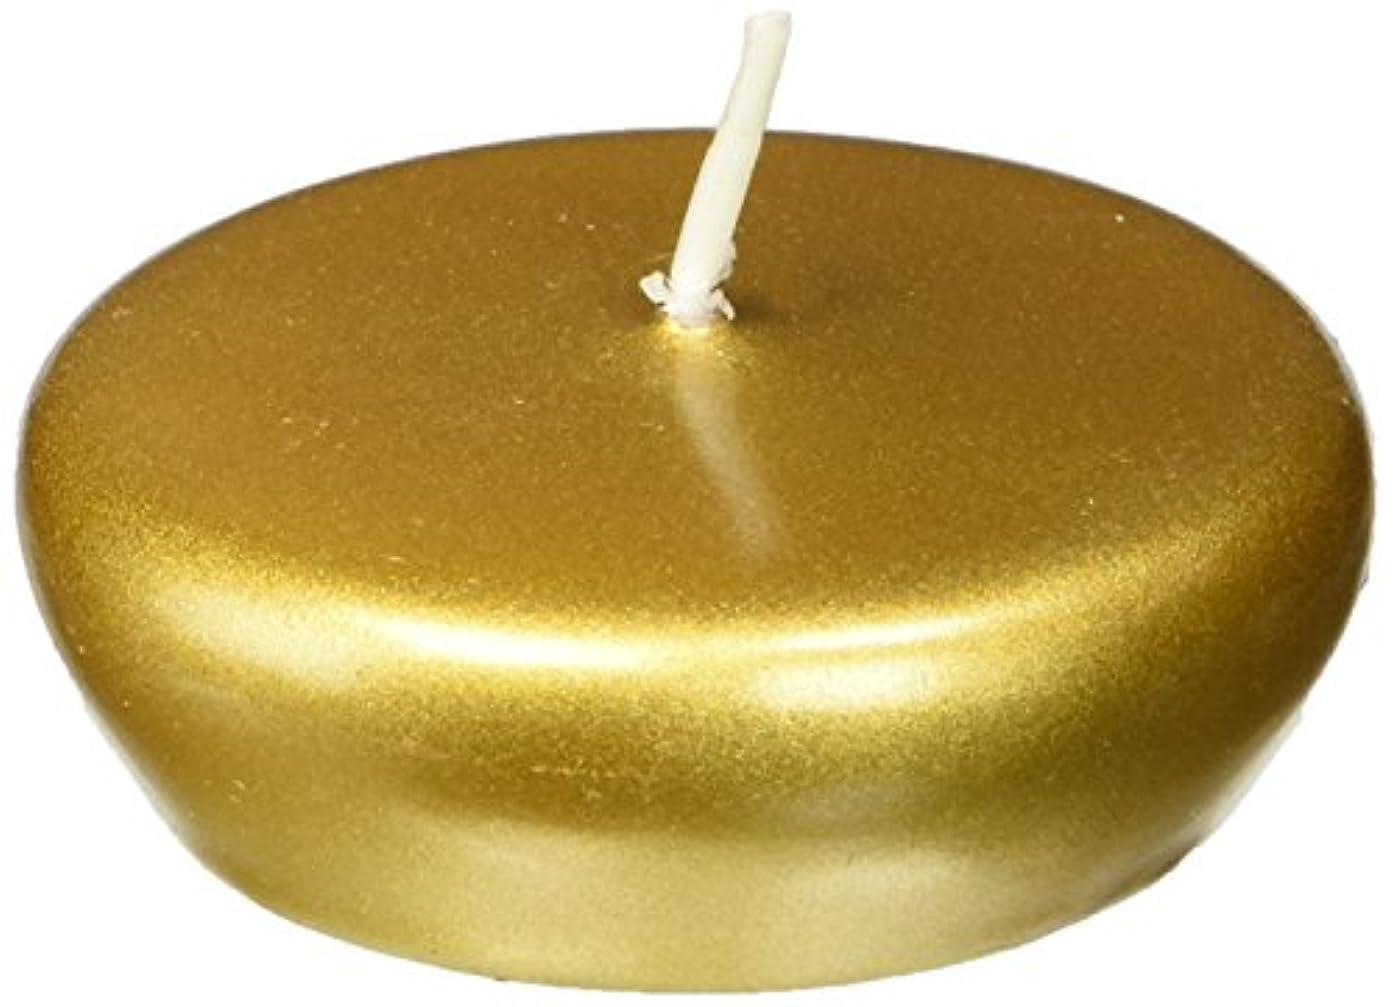 アメリカスコットランド人コミットメントZest Candle CFZ-099 2 1-4 in. Metallic Bronze Gold Floating Candles -24pc-Box